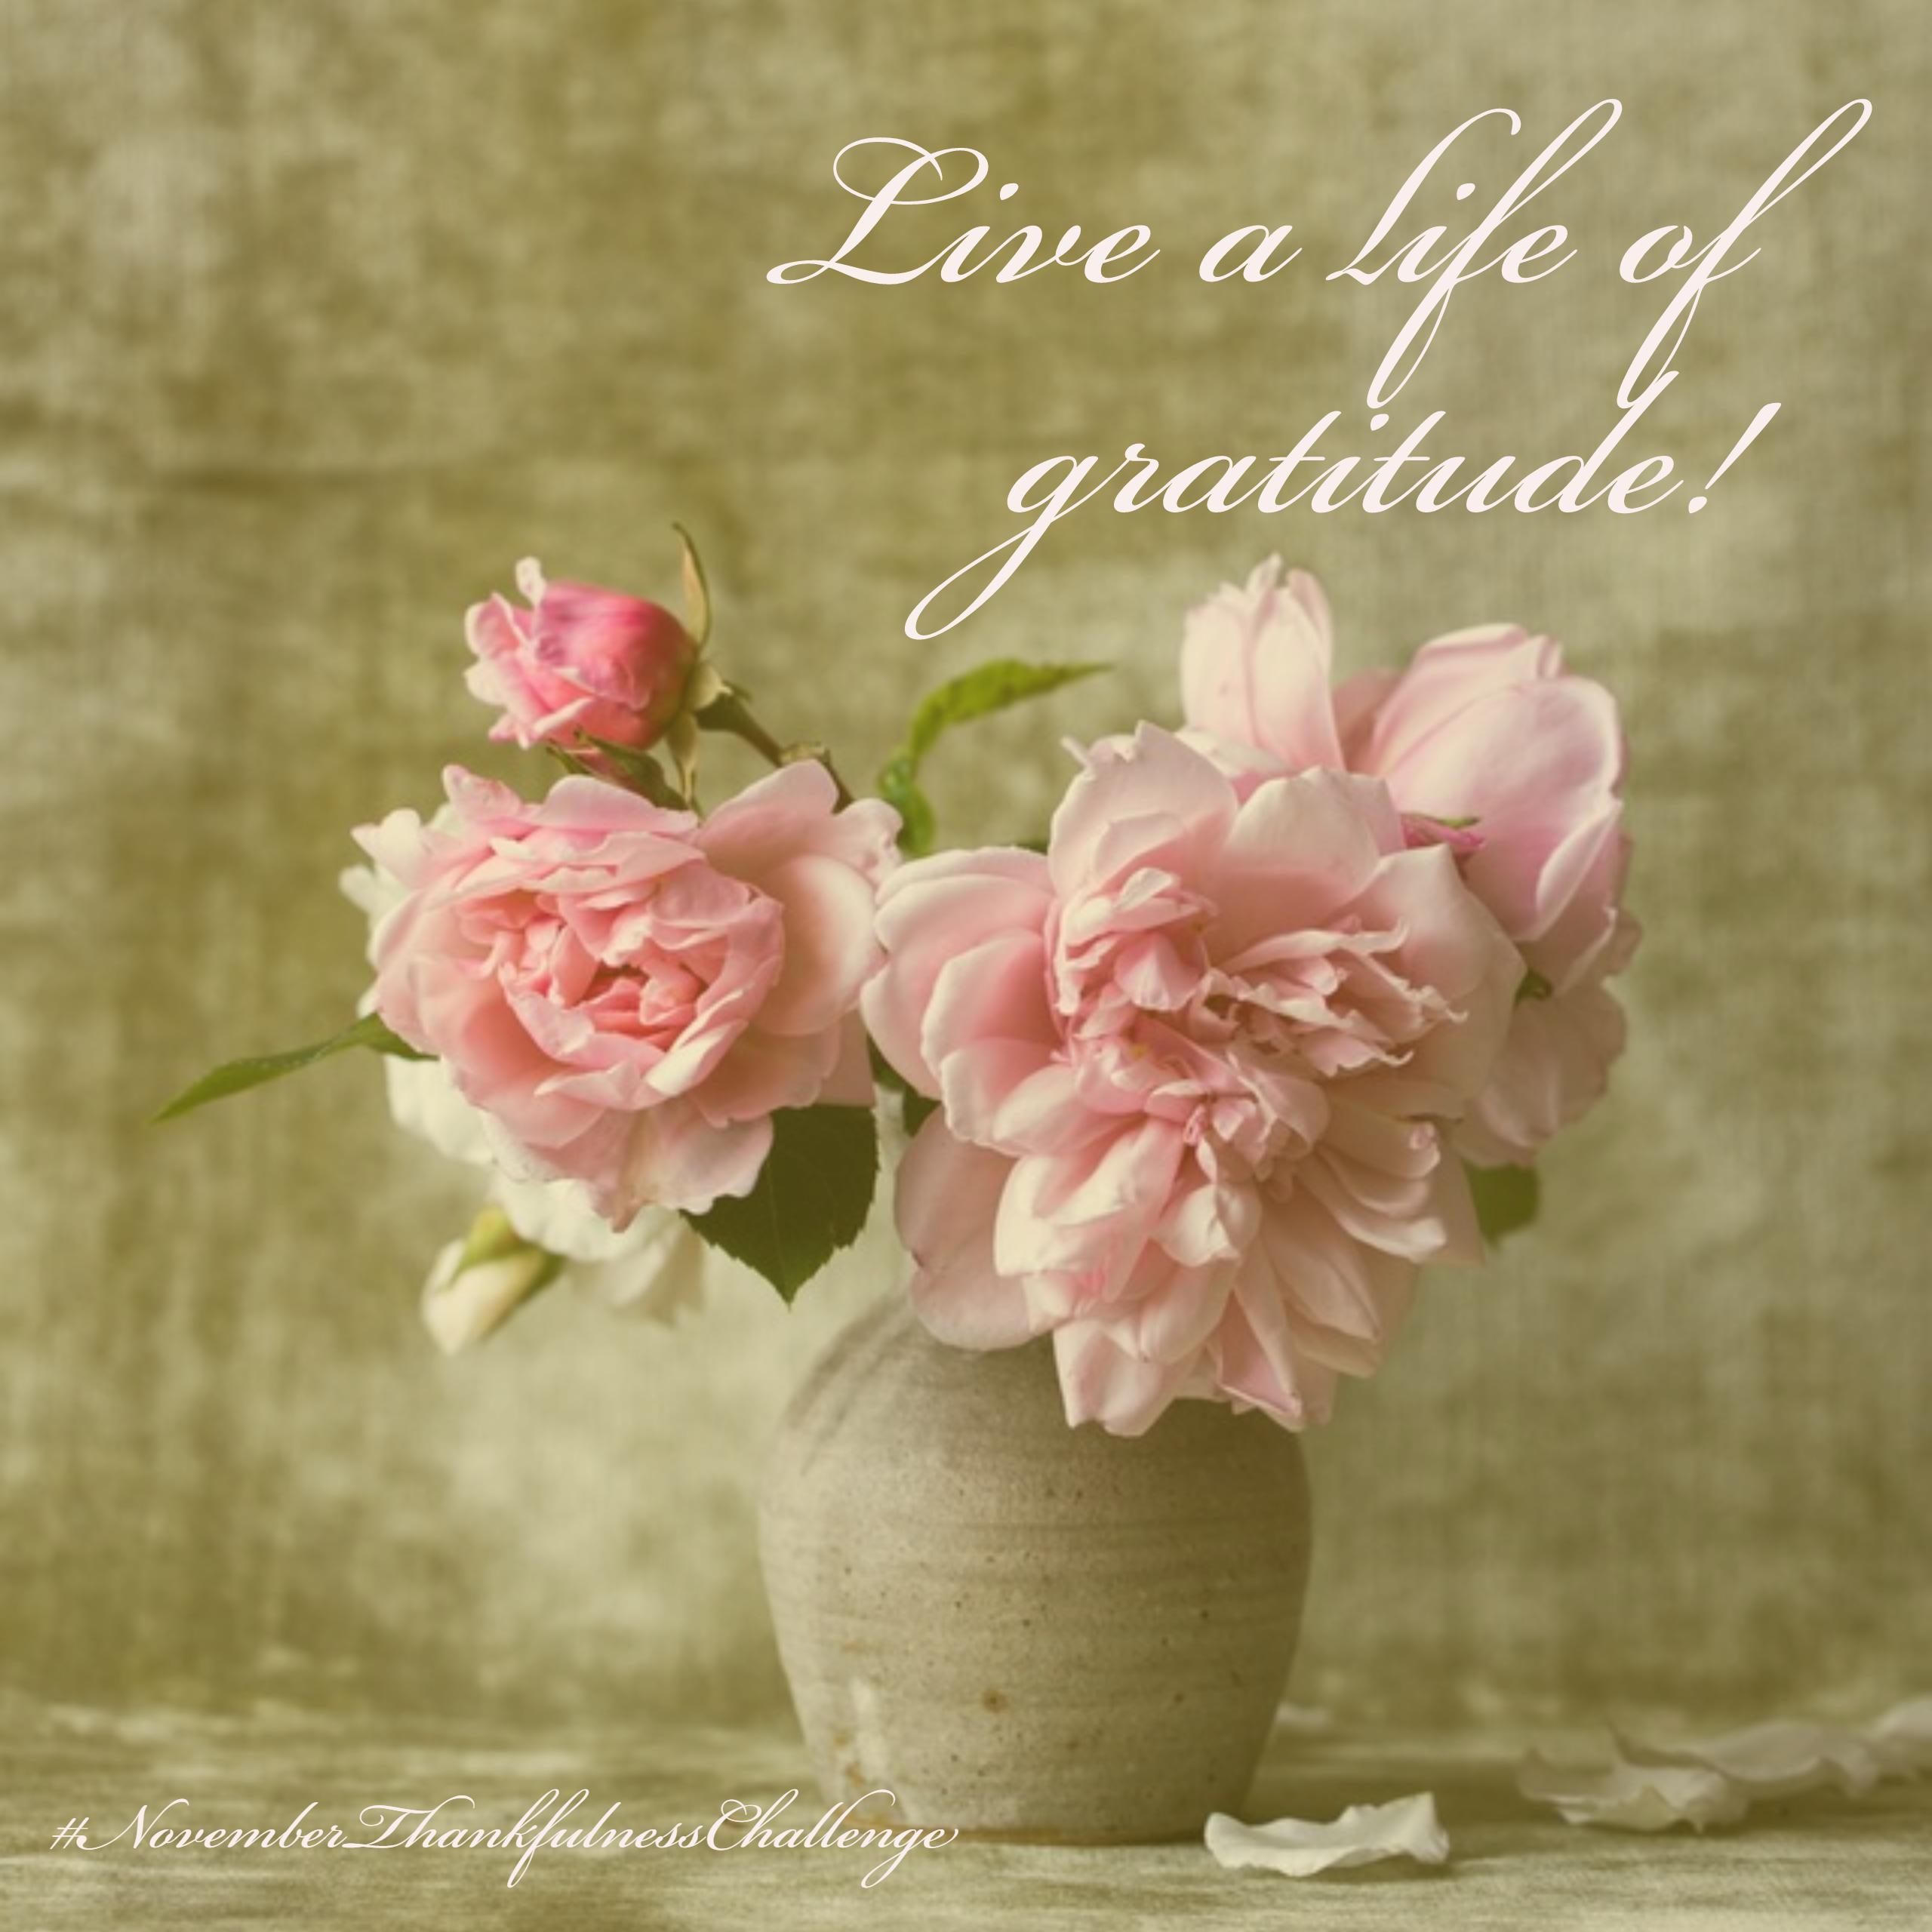 live-a-life-of-gratitude